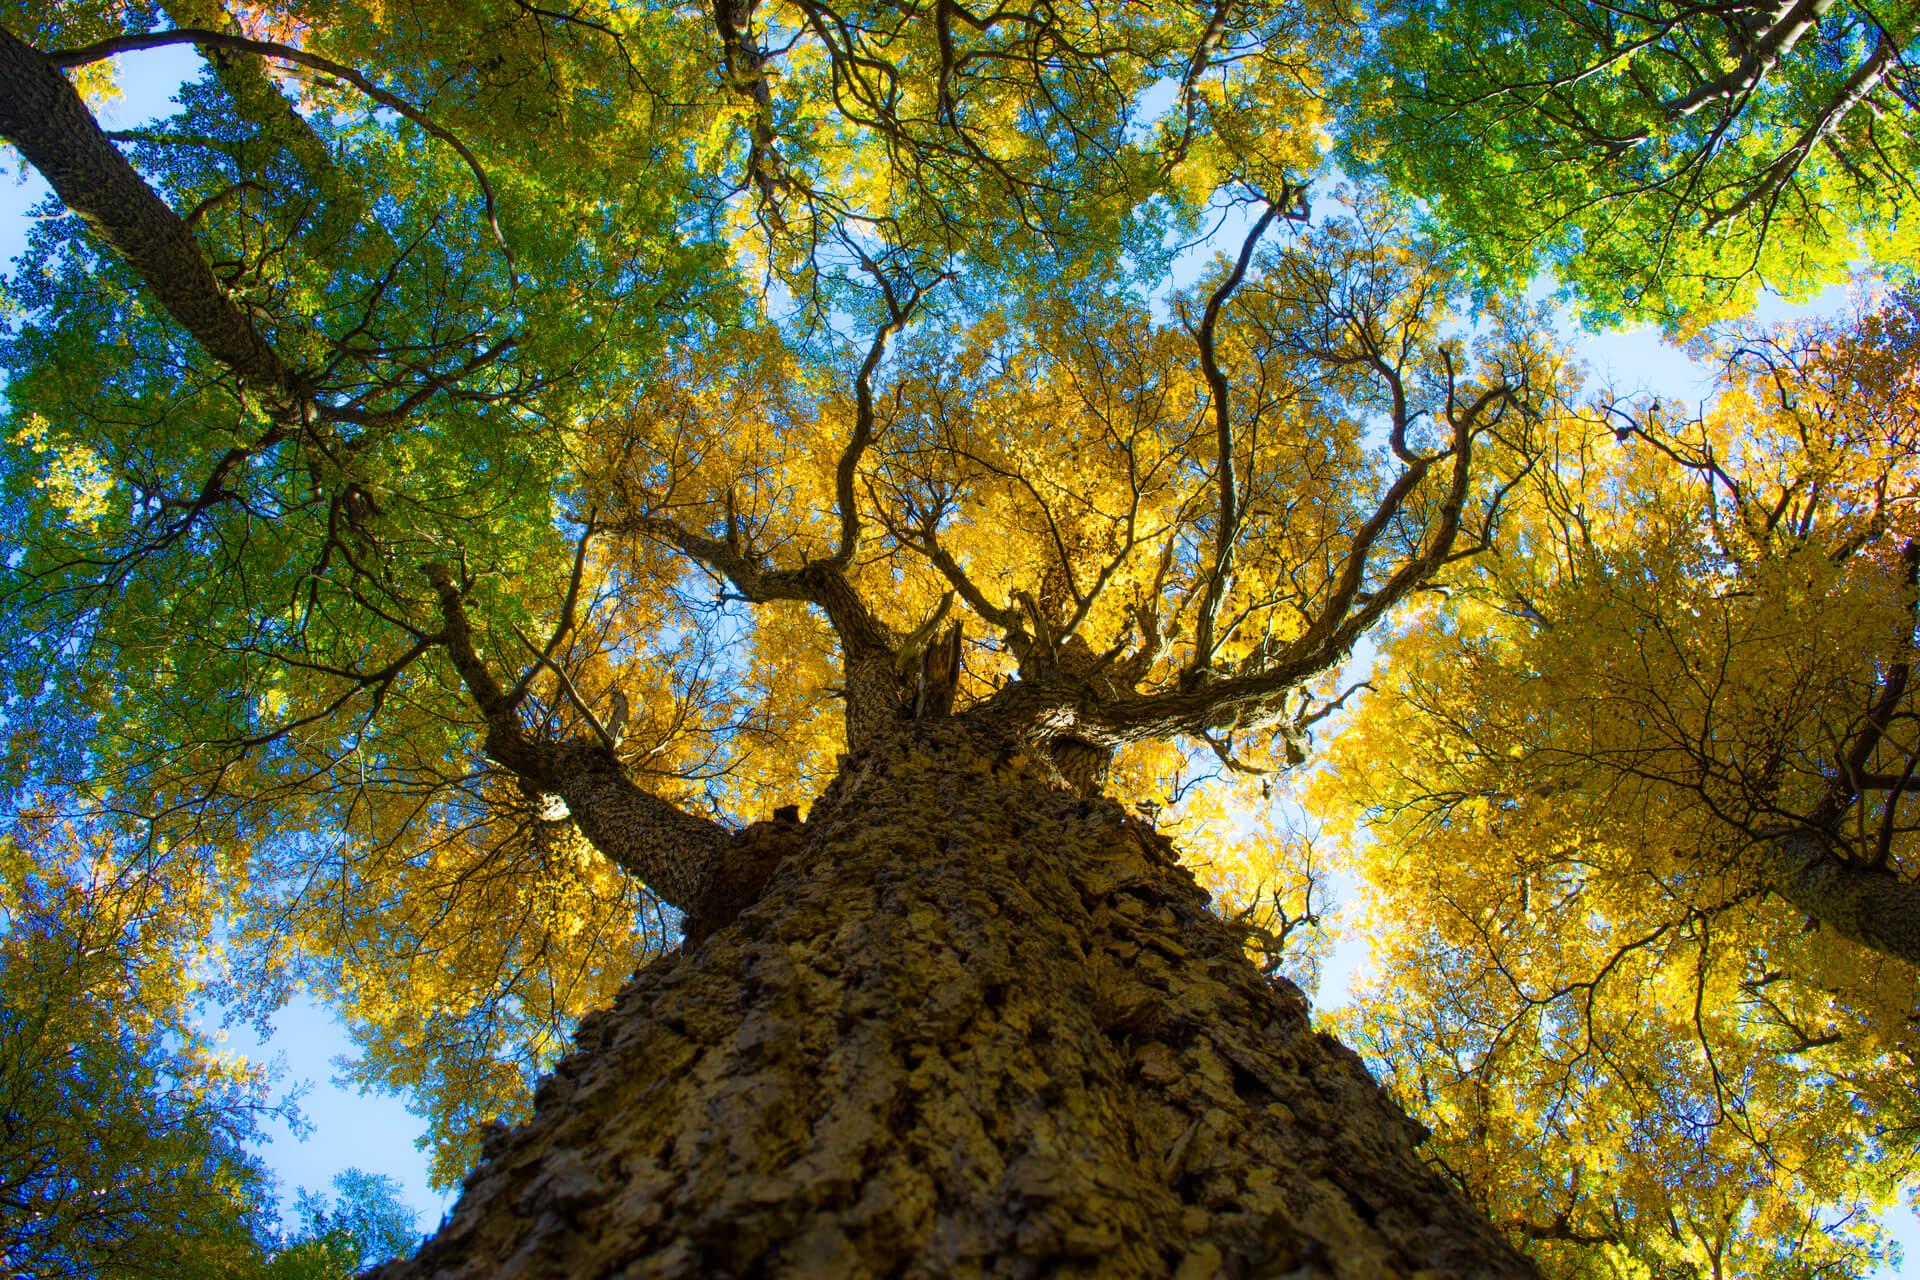 Big tree in Torres del Paine